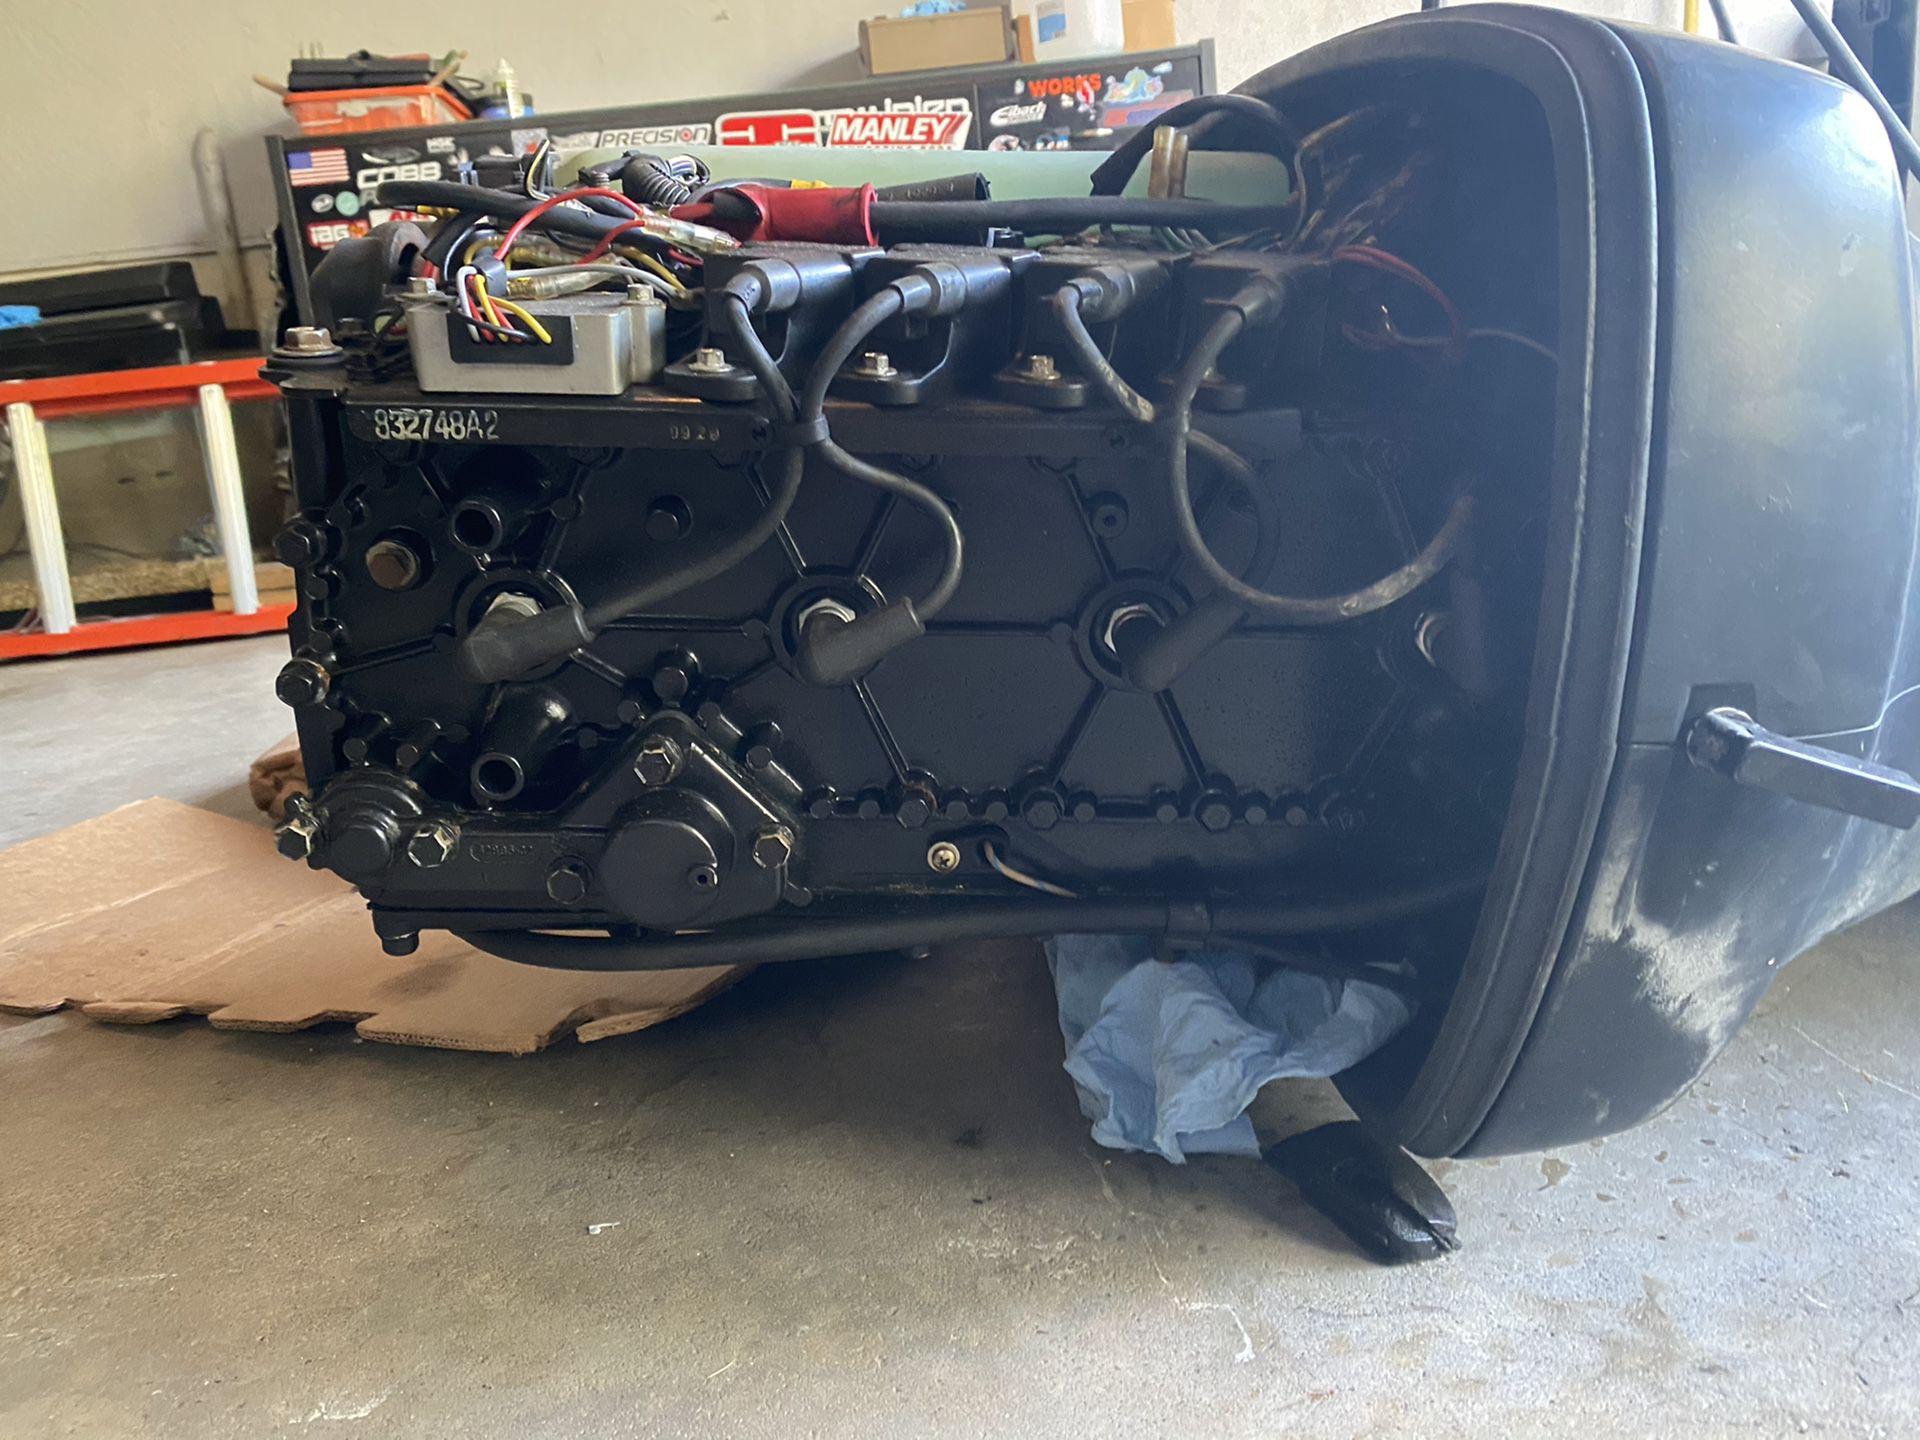 1998 merc 115 hp outboard motor